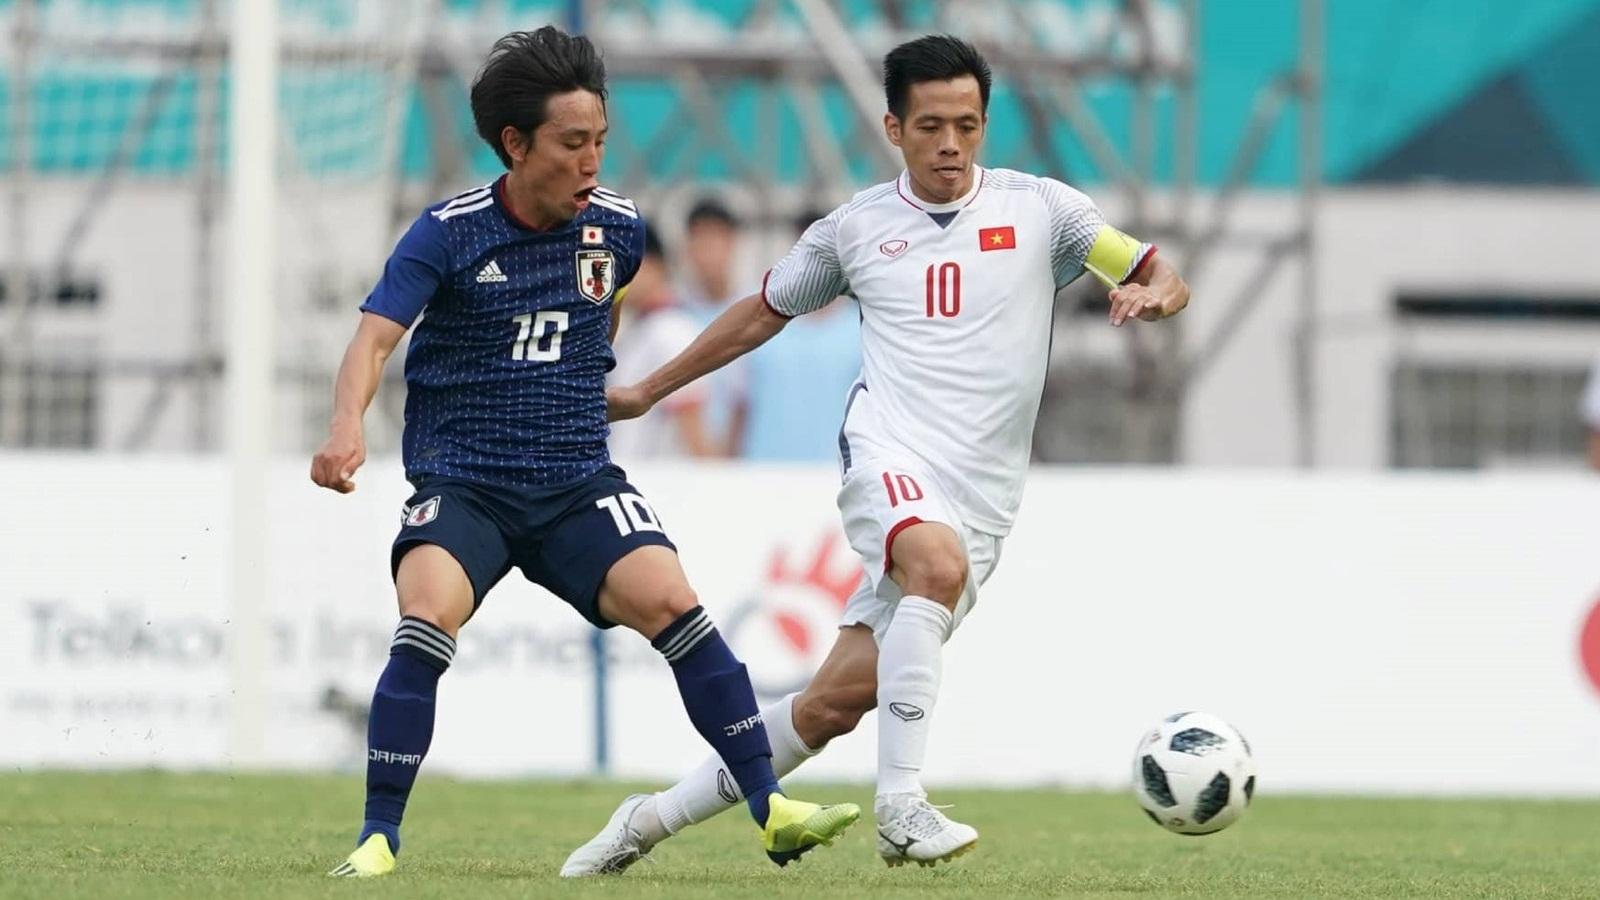 Olympic Việt Nam Olympic Nhật Bản Bảng D ASIAD 2018